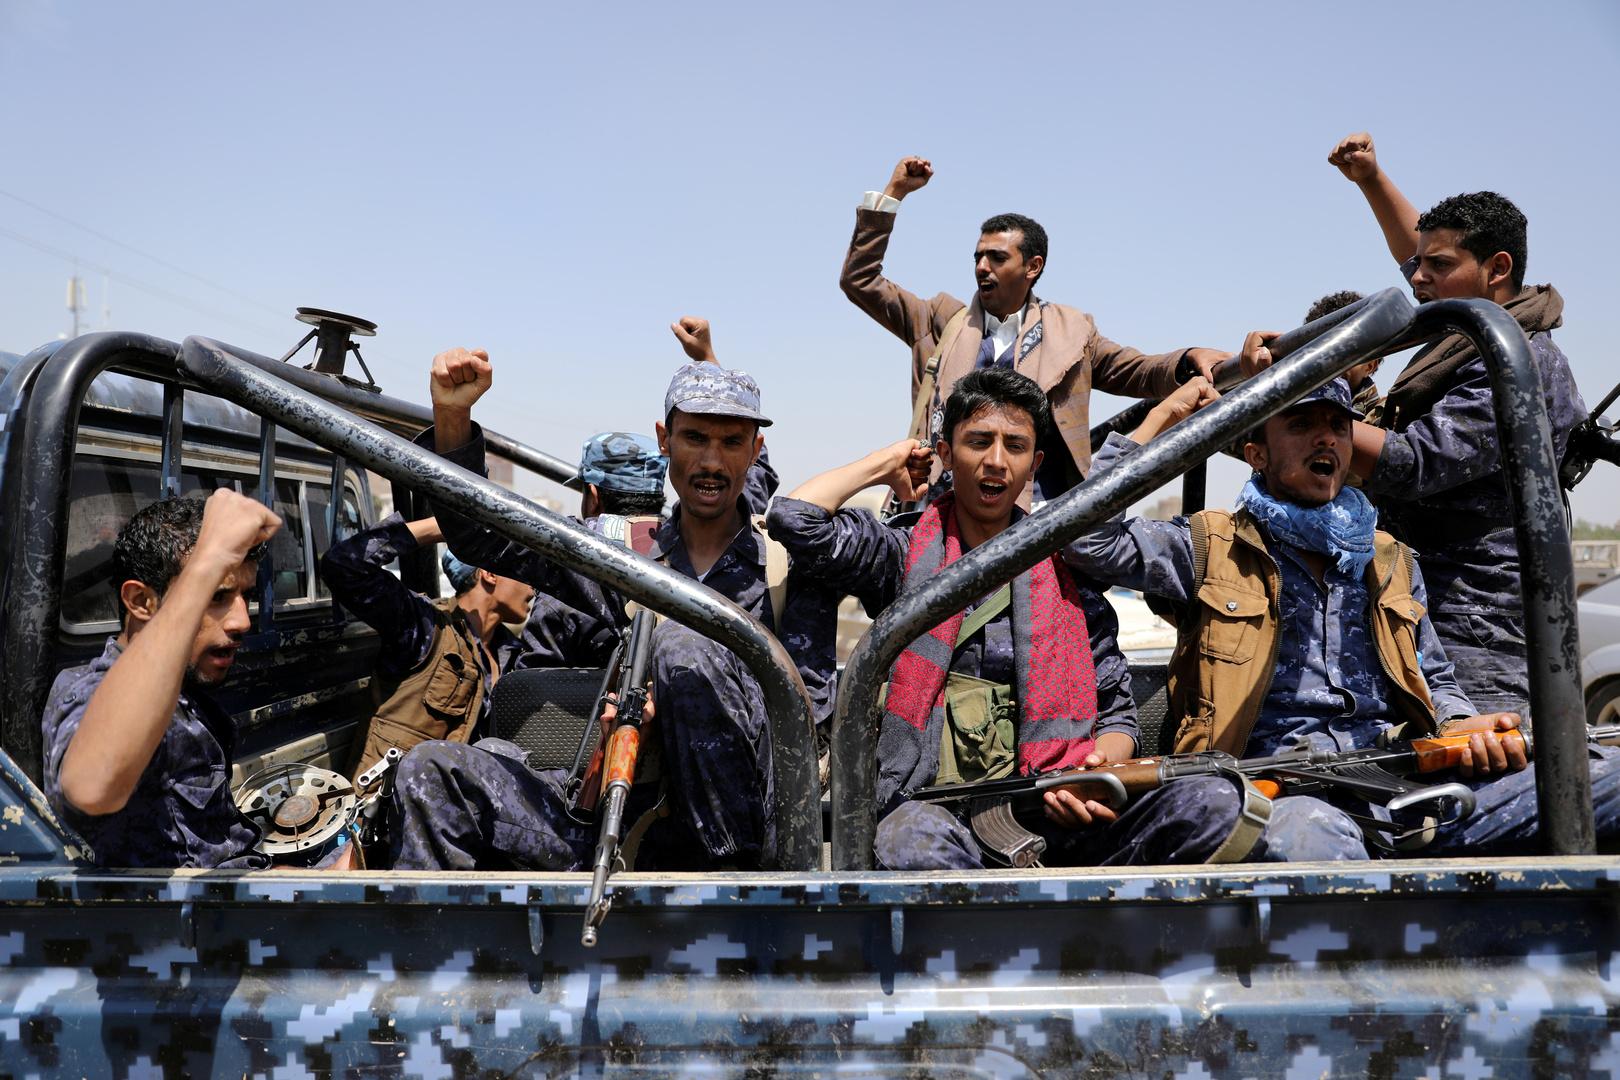 مصدر لـRT يكشف تفاصيل الاتفاق بين الأطراف اليمنية في سويسرا